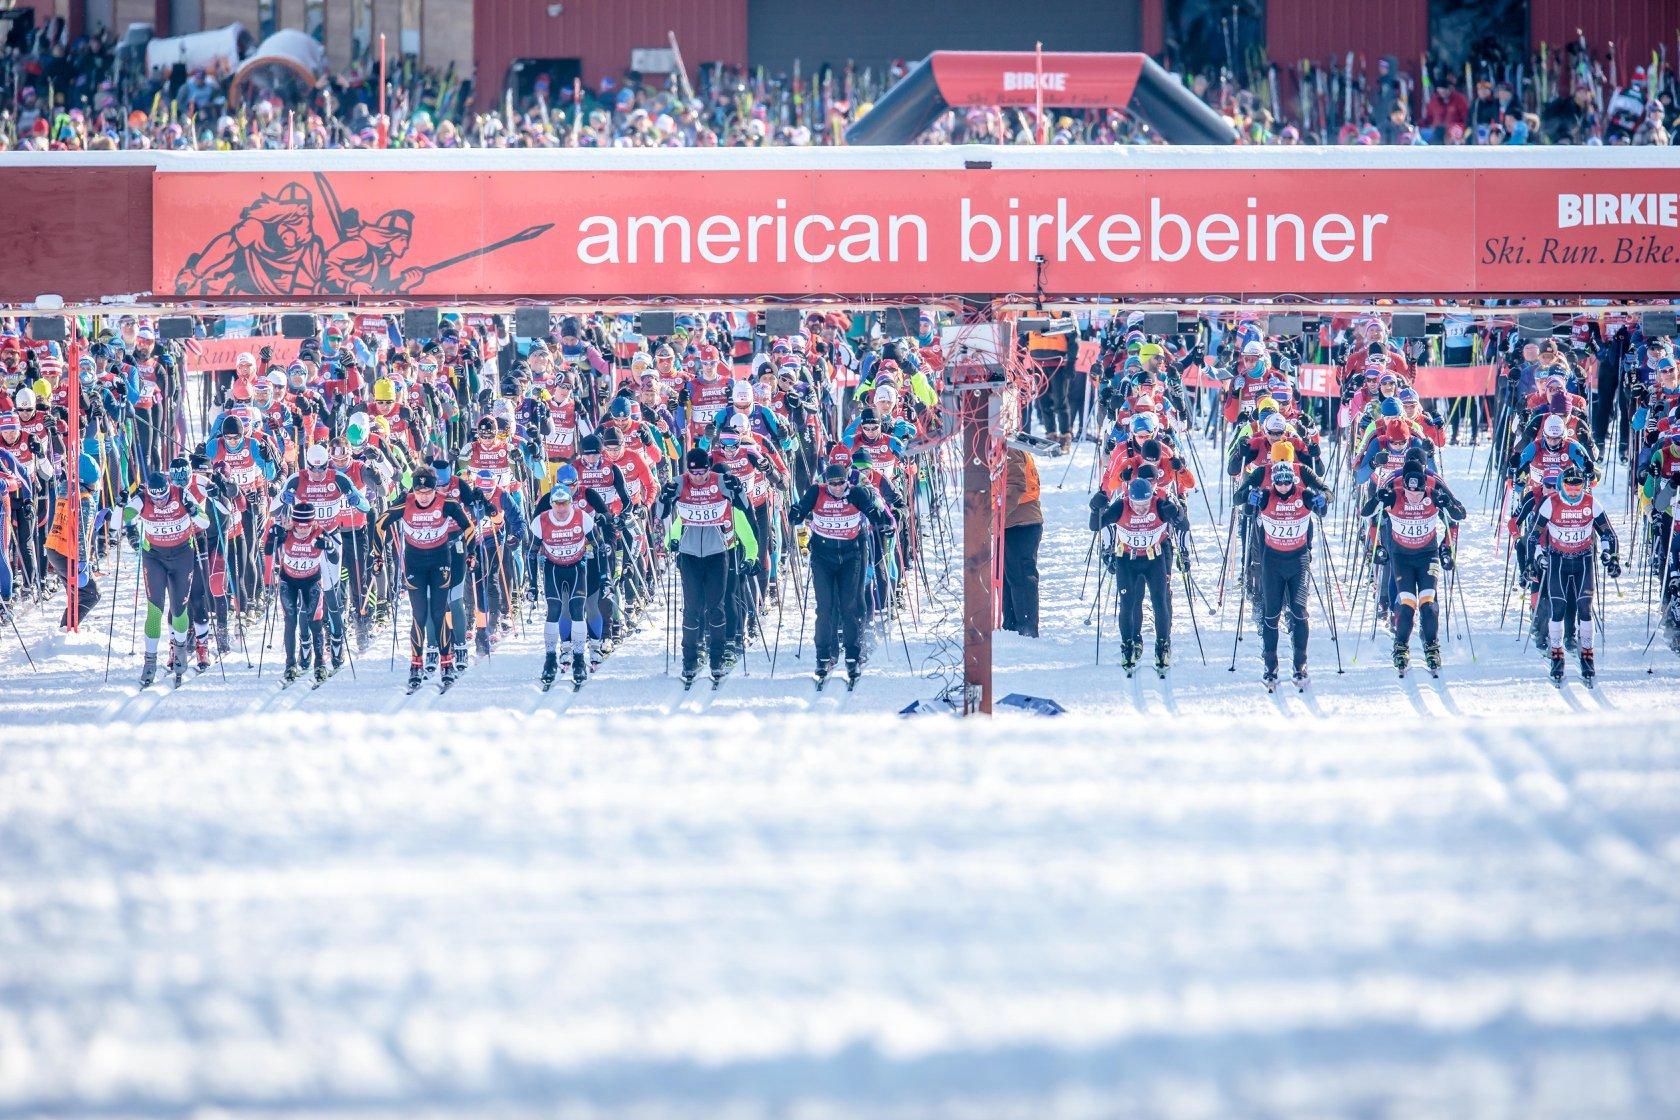 https://fasterskier.com/wp-content/blogs.dir/1/files/2018/03/birkie-wave-2-start-American-Birkebeiner-Ski-Foundation-photo.jpg